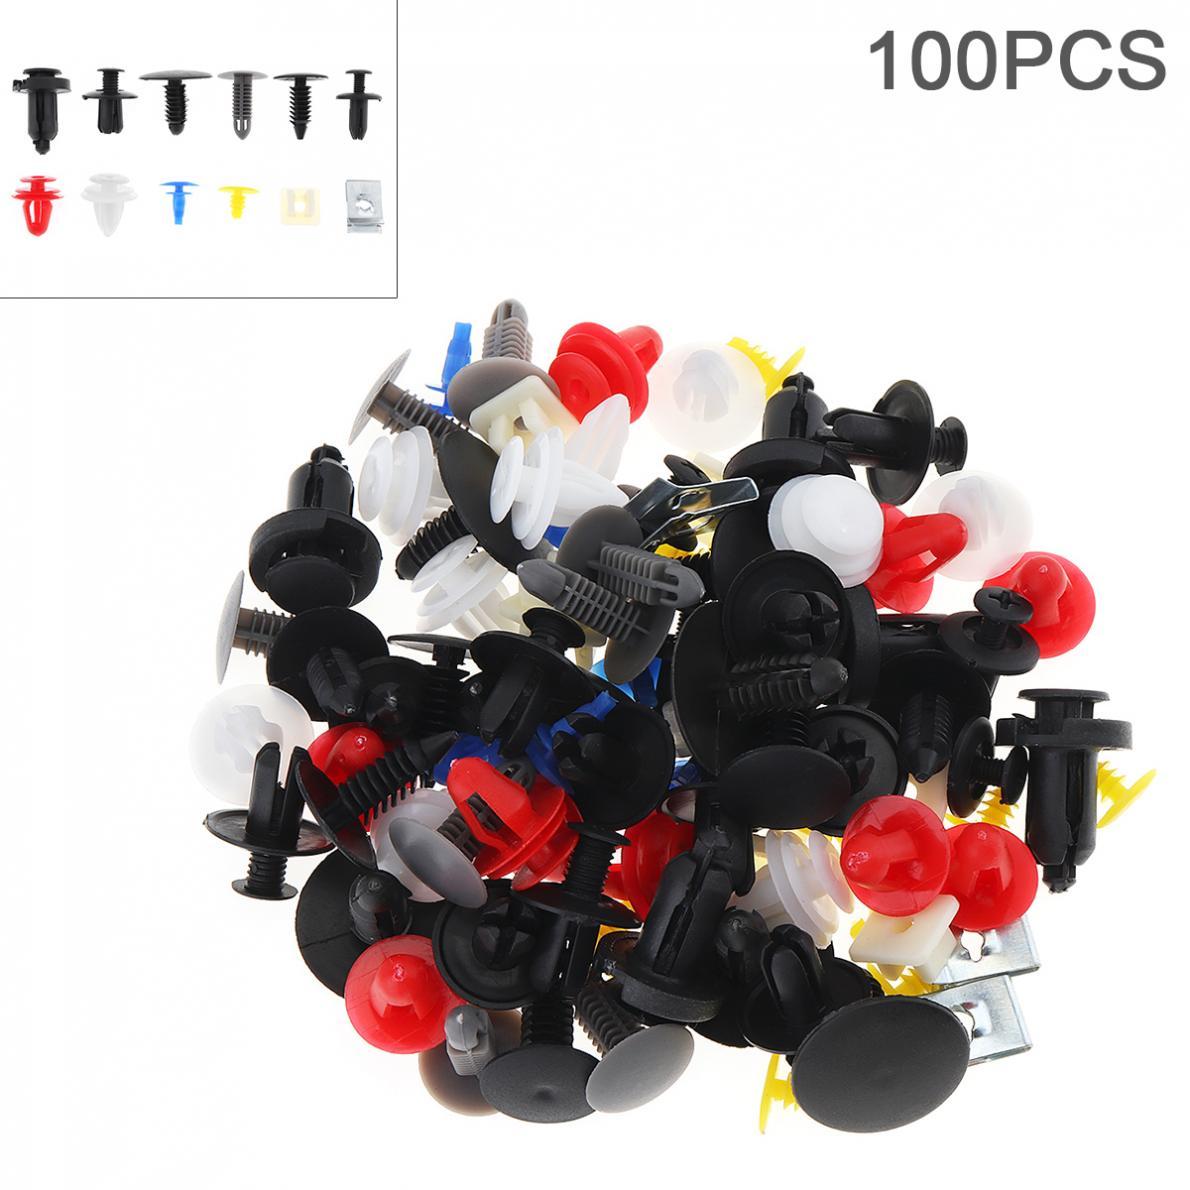 100pcs 12 Kinds Universal Plastic+Metal Car Body Bumper Push Pin Clip Rivets